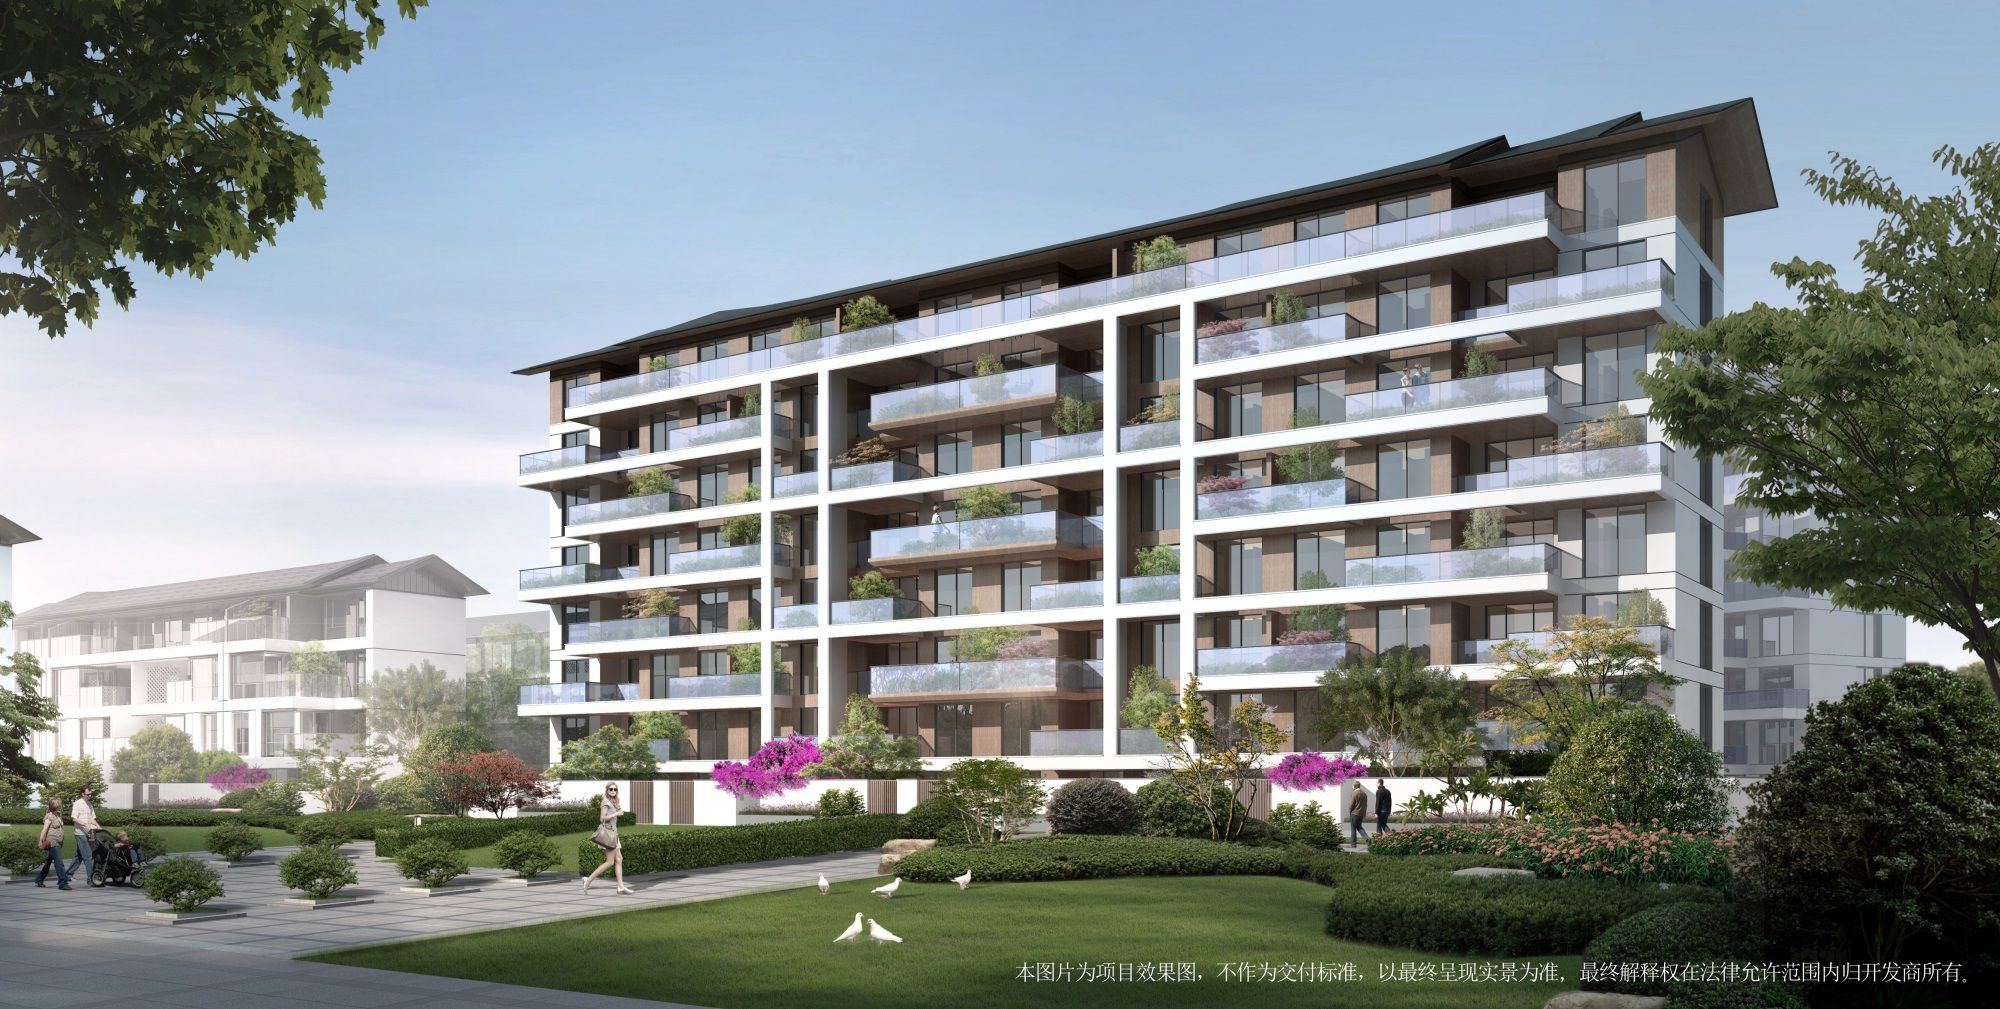 丽江绿城桃花源在售洋房、空中小院、合院,共计685套房源在售